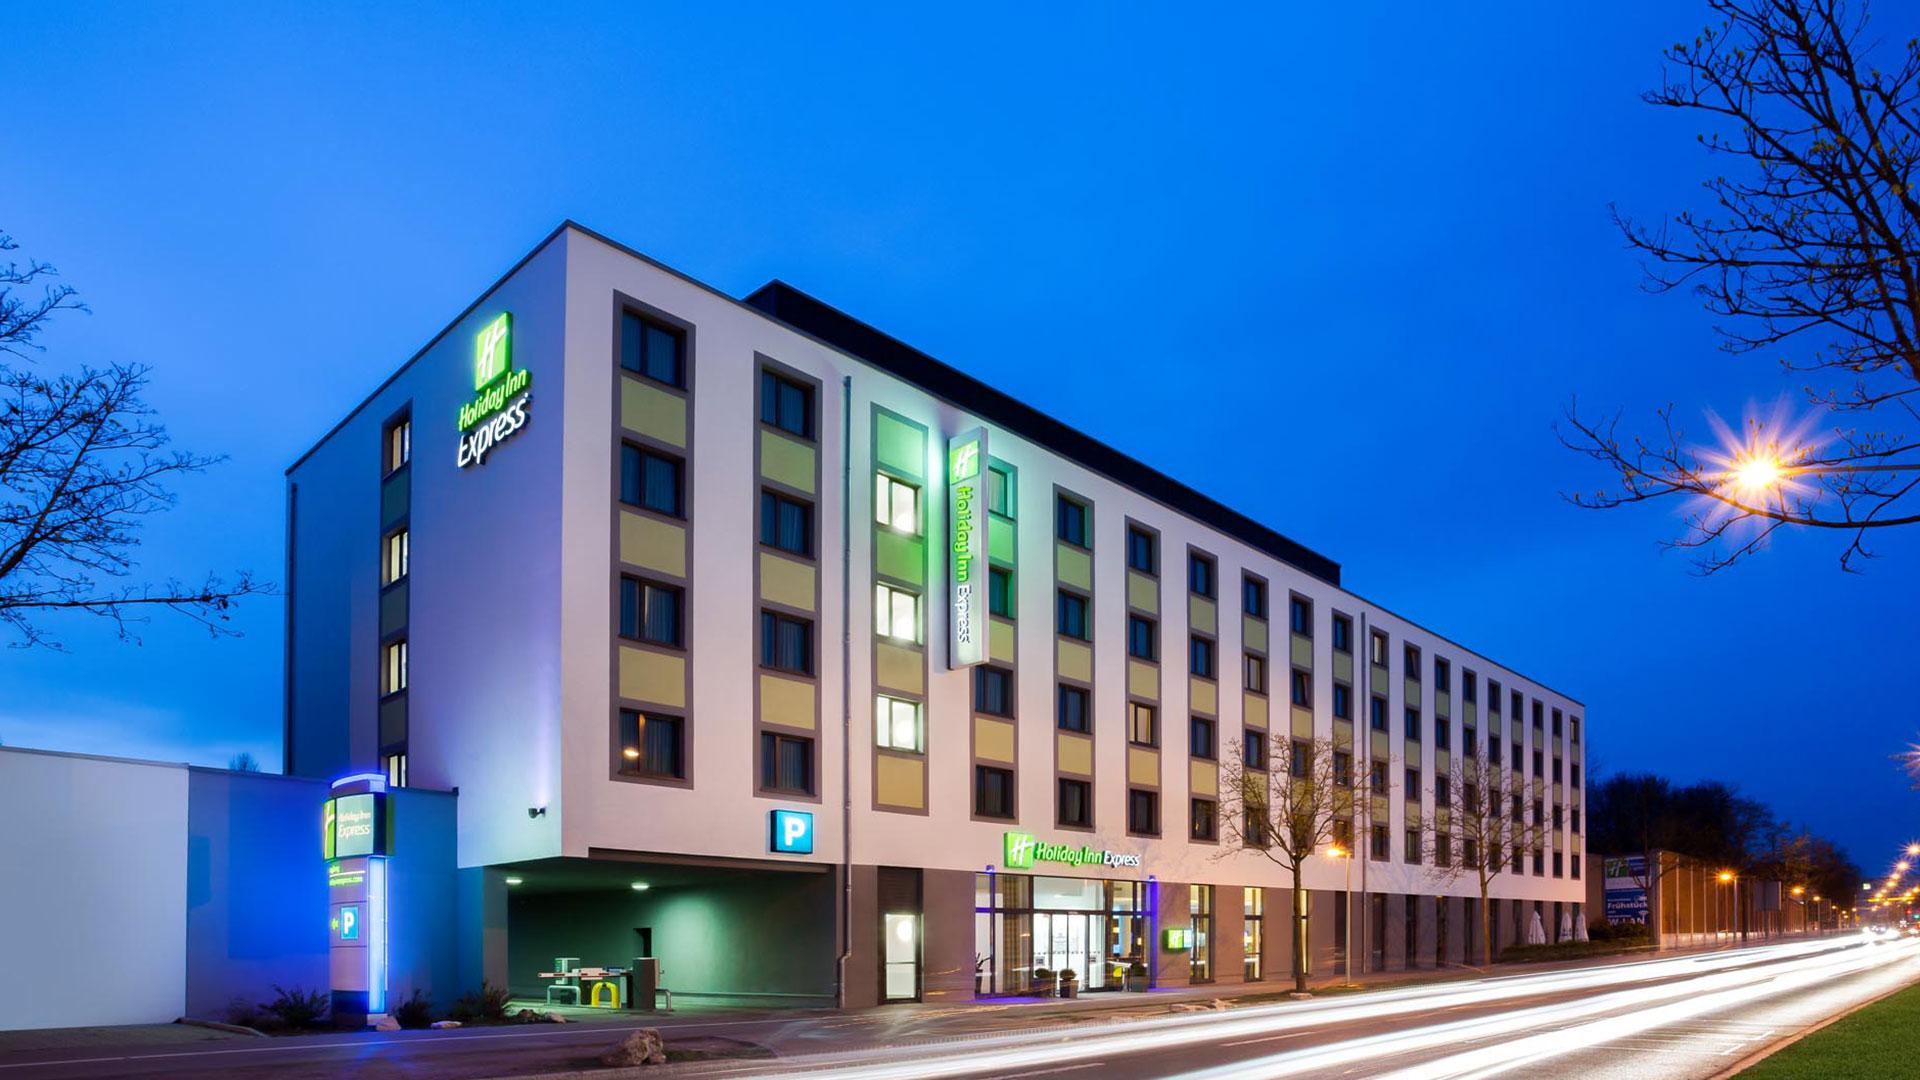 Holiday Inn Express Augsburg - Außenansicht